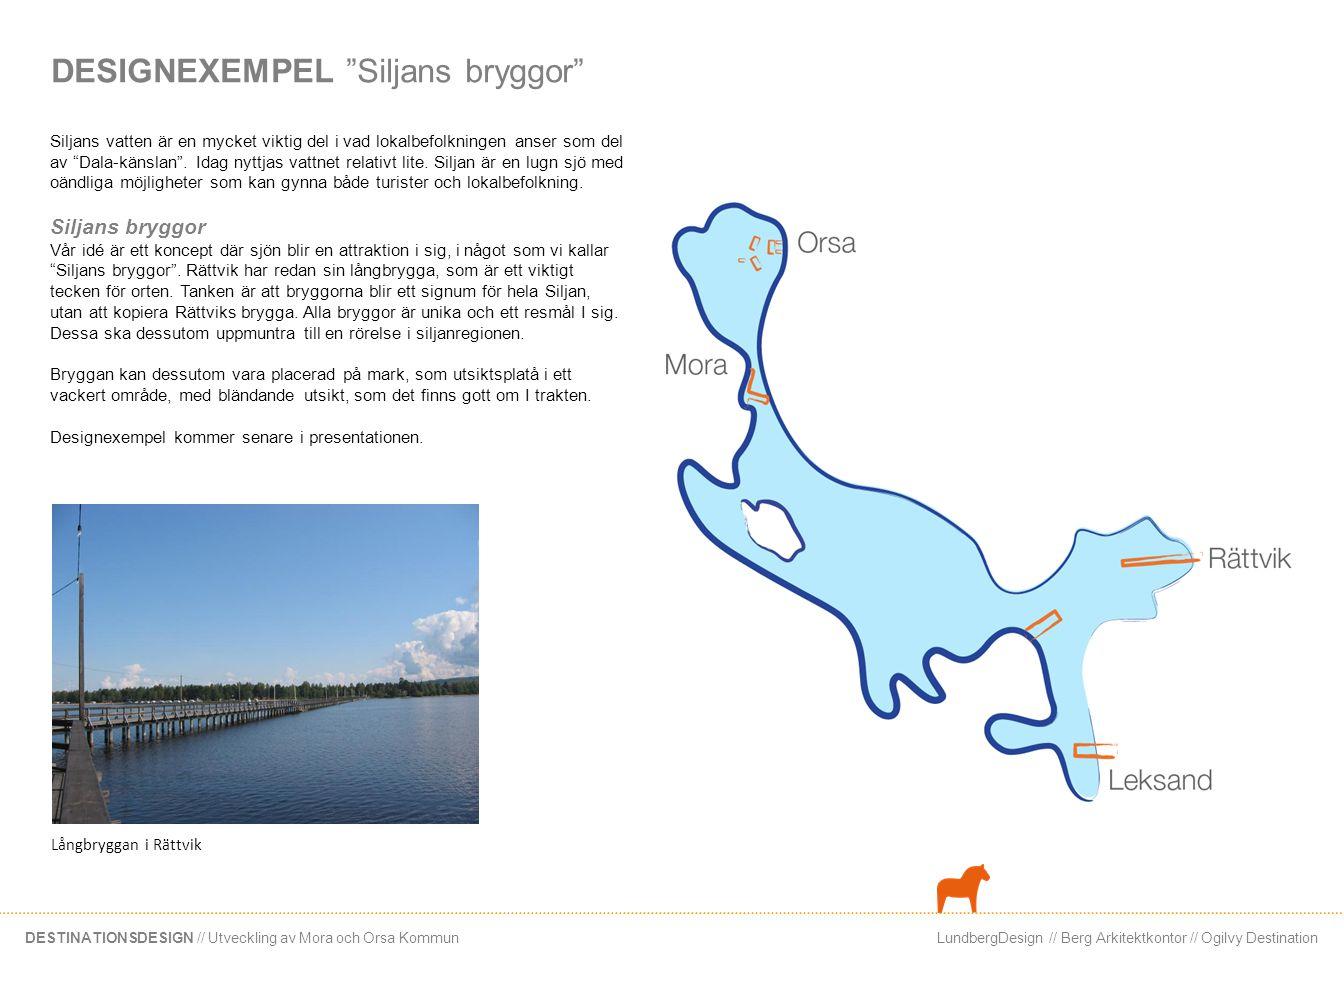 """LundbergDesign // Berg Arkitektkontor // Ogilvy DestinationDESTINATIONSDESIGN // Utveckling av Mora och Orsa Kommun DESIGNEXEMPEL """"Siljans bryggor"""" Si"""